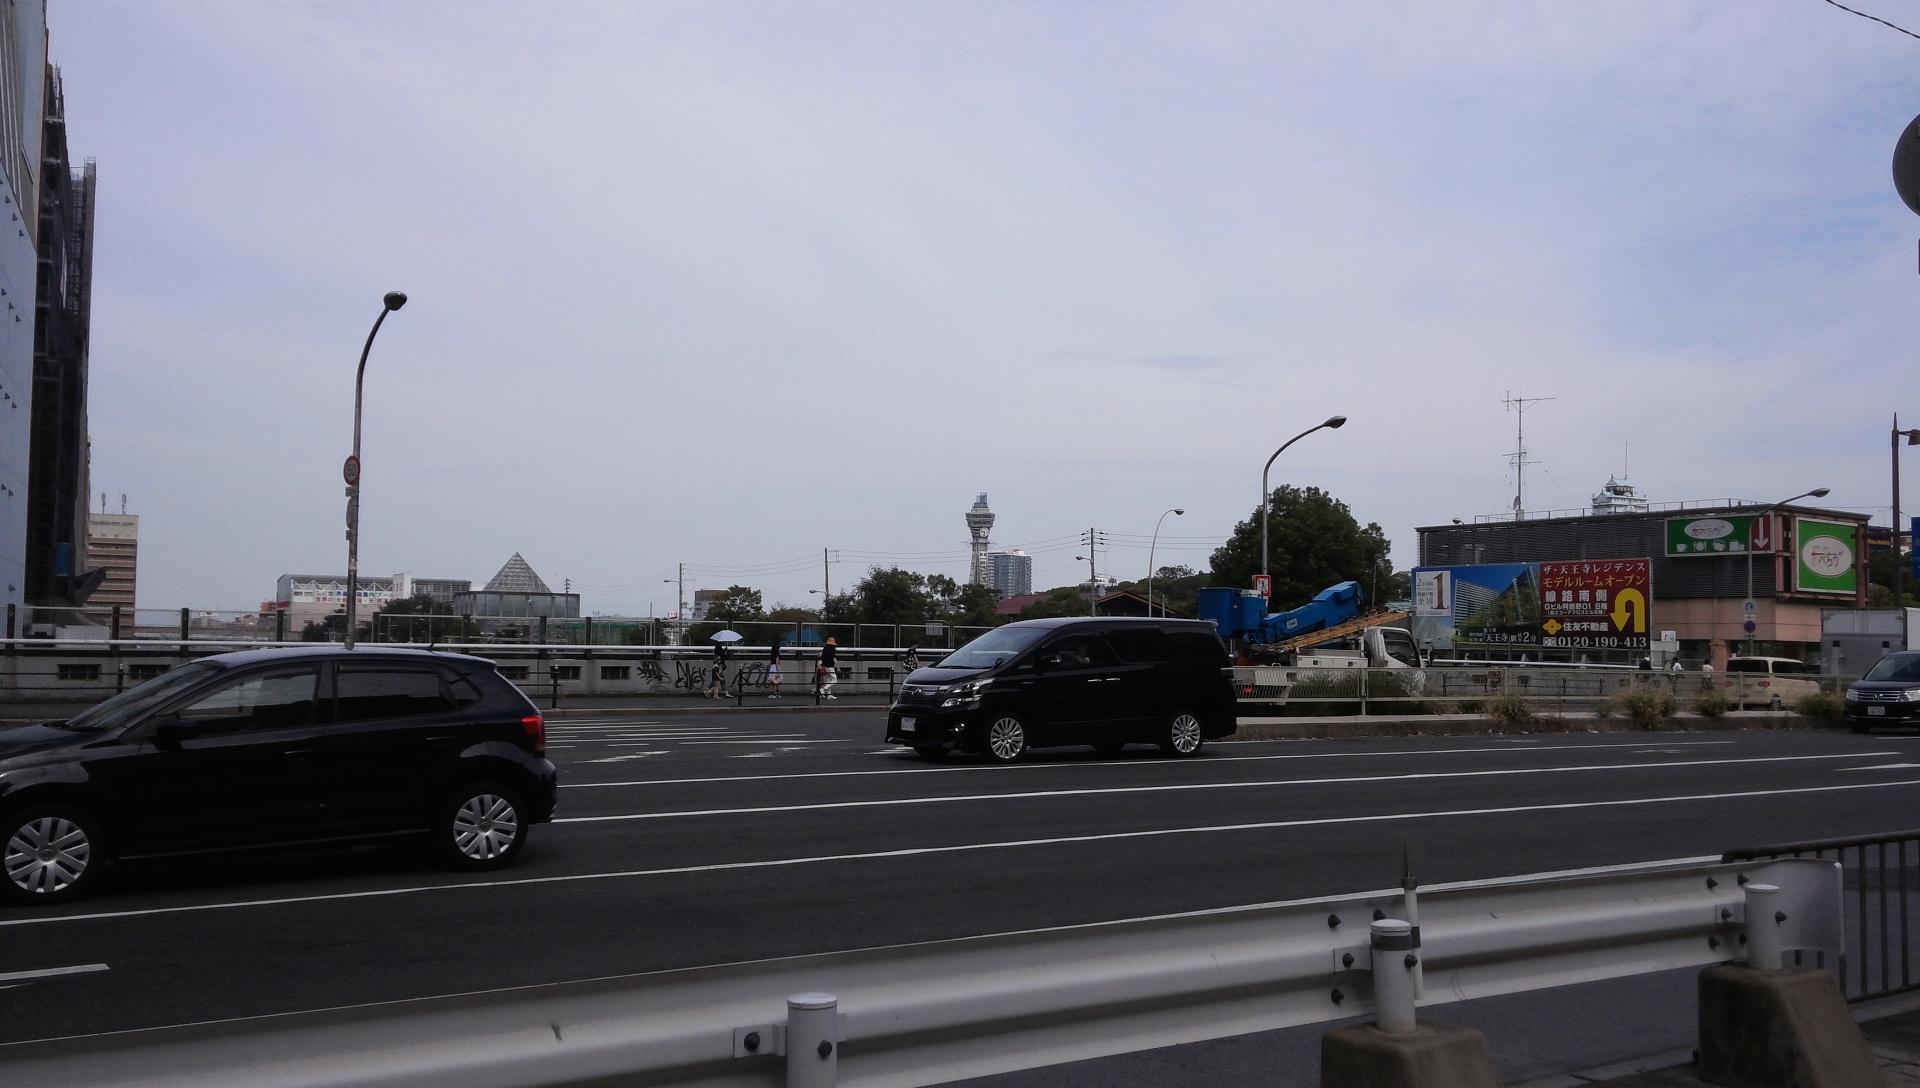 일본 오사카/쿄토 여행(9월 11일) - 사진폭탄